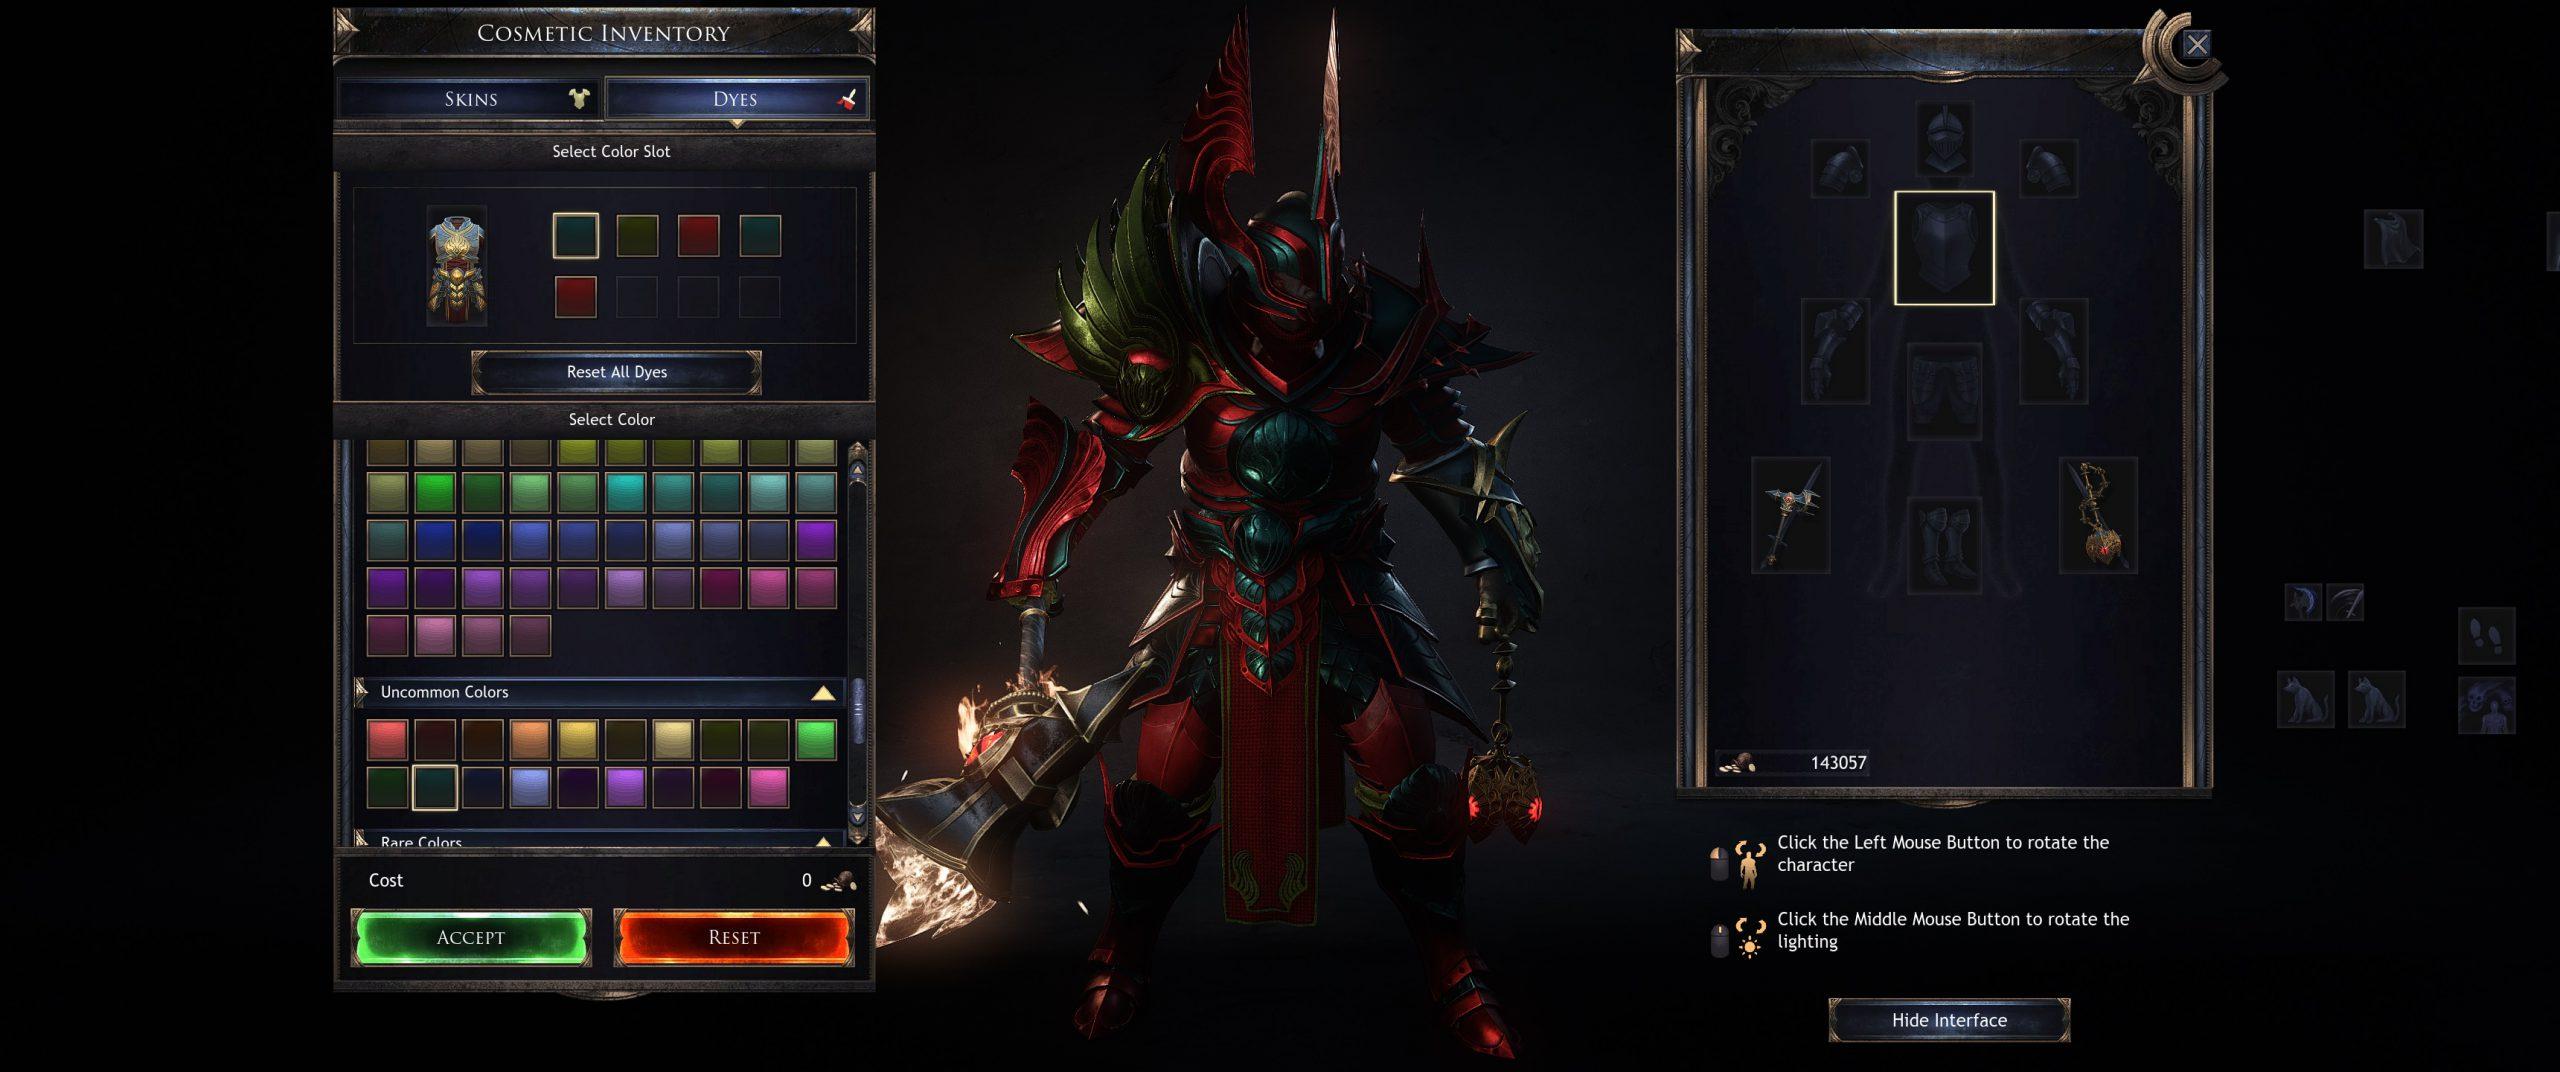 האפשרות לצבוע את החפצים בצבעים שאוספים במהלך המשחק, ברמת פירוט גבוהה מאוד.